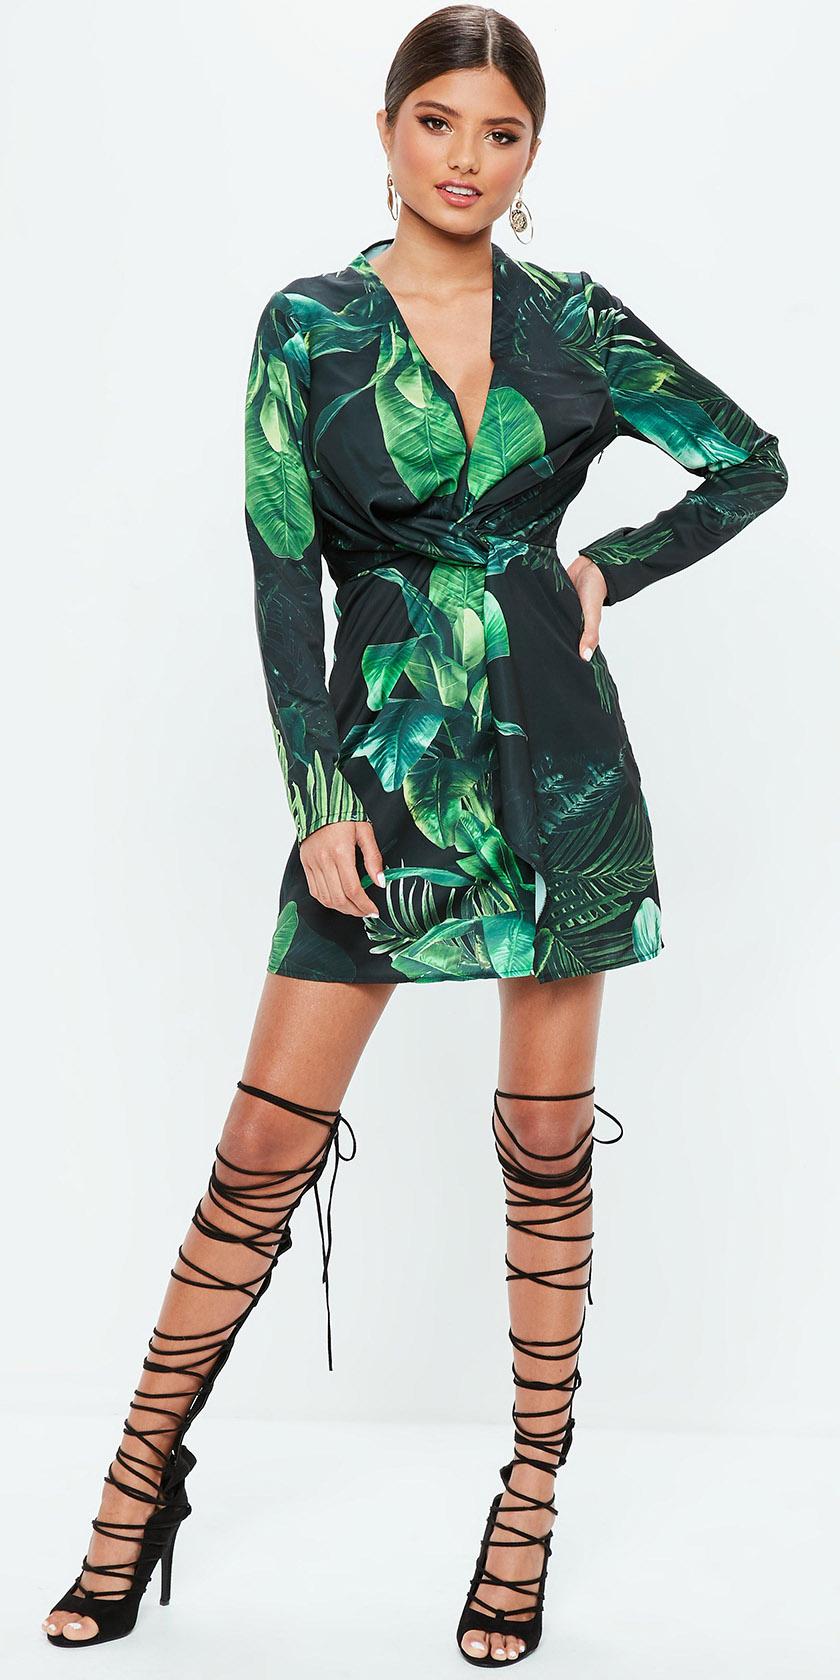 green-emerald-dress-mini-print-wrap-hairr-earrings-bun-black-shoe-sandalh-gladiators-spring-summer-dinner.jpg